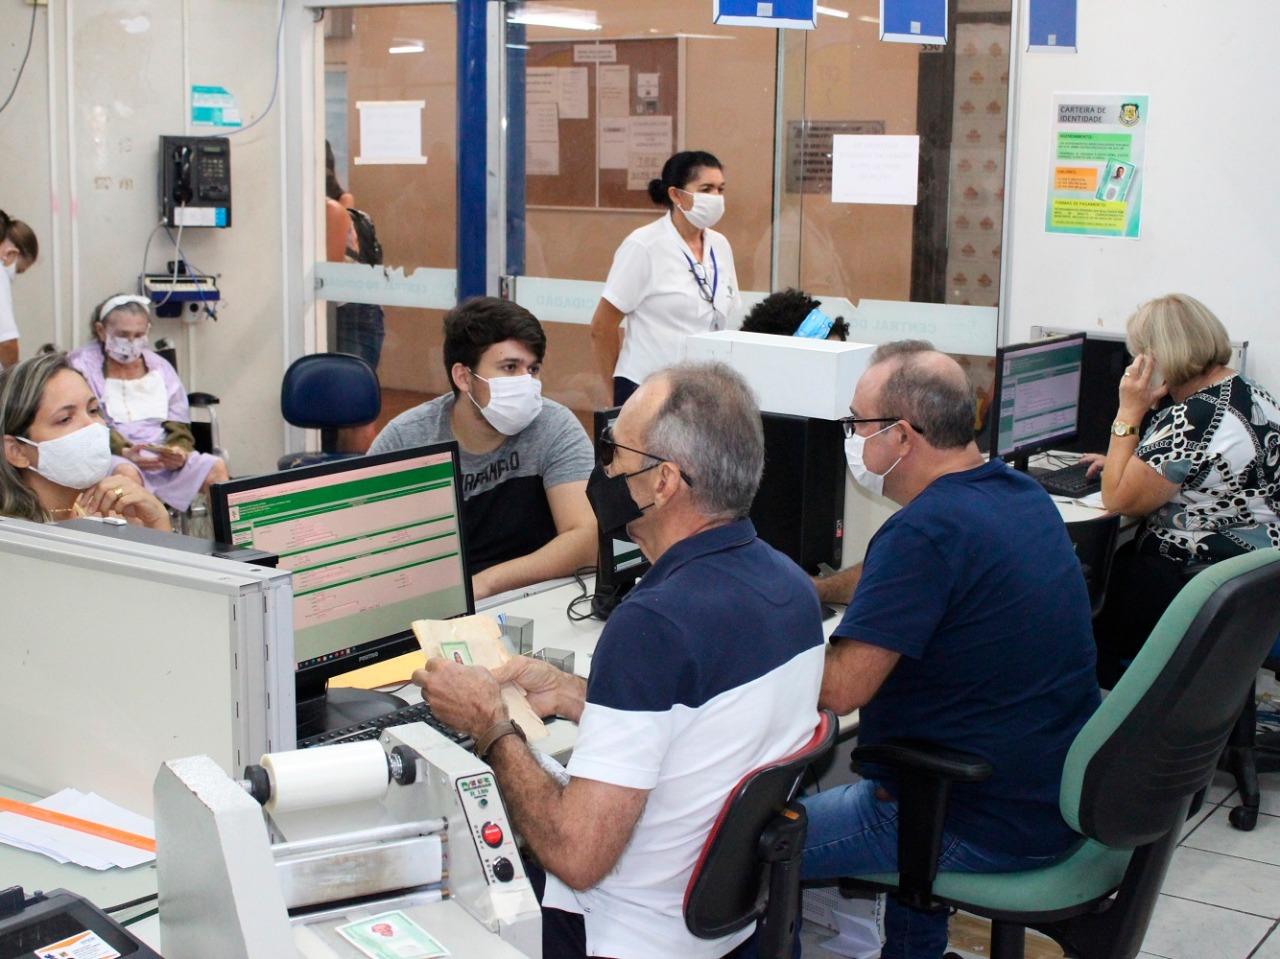 Centrais do Cidadão passam a funcionar das 9h às 20h em Natal